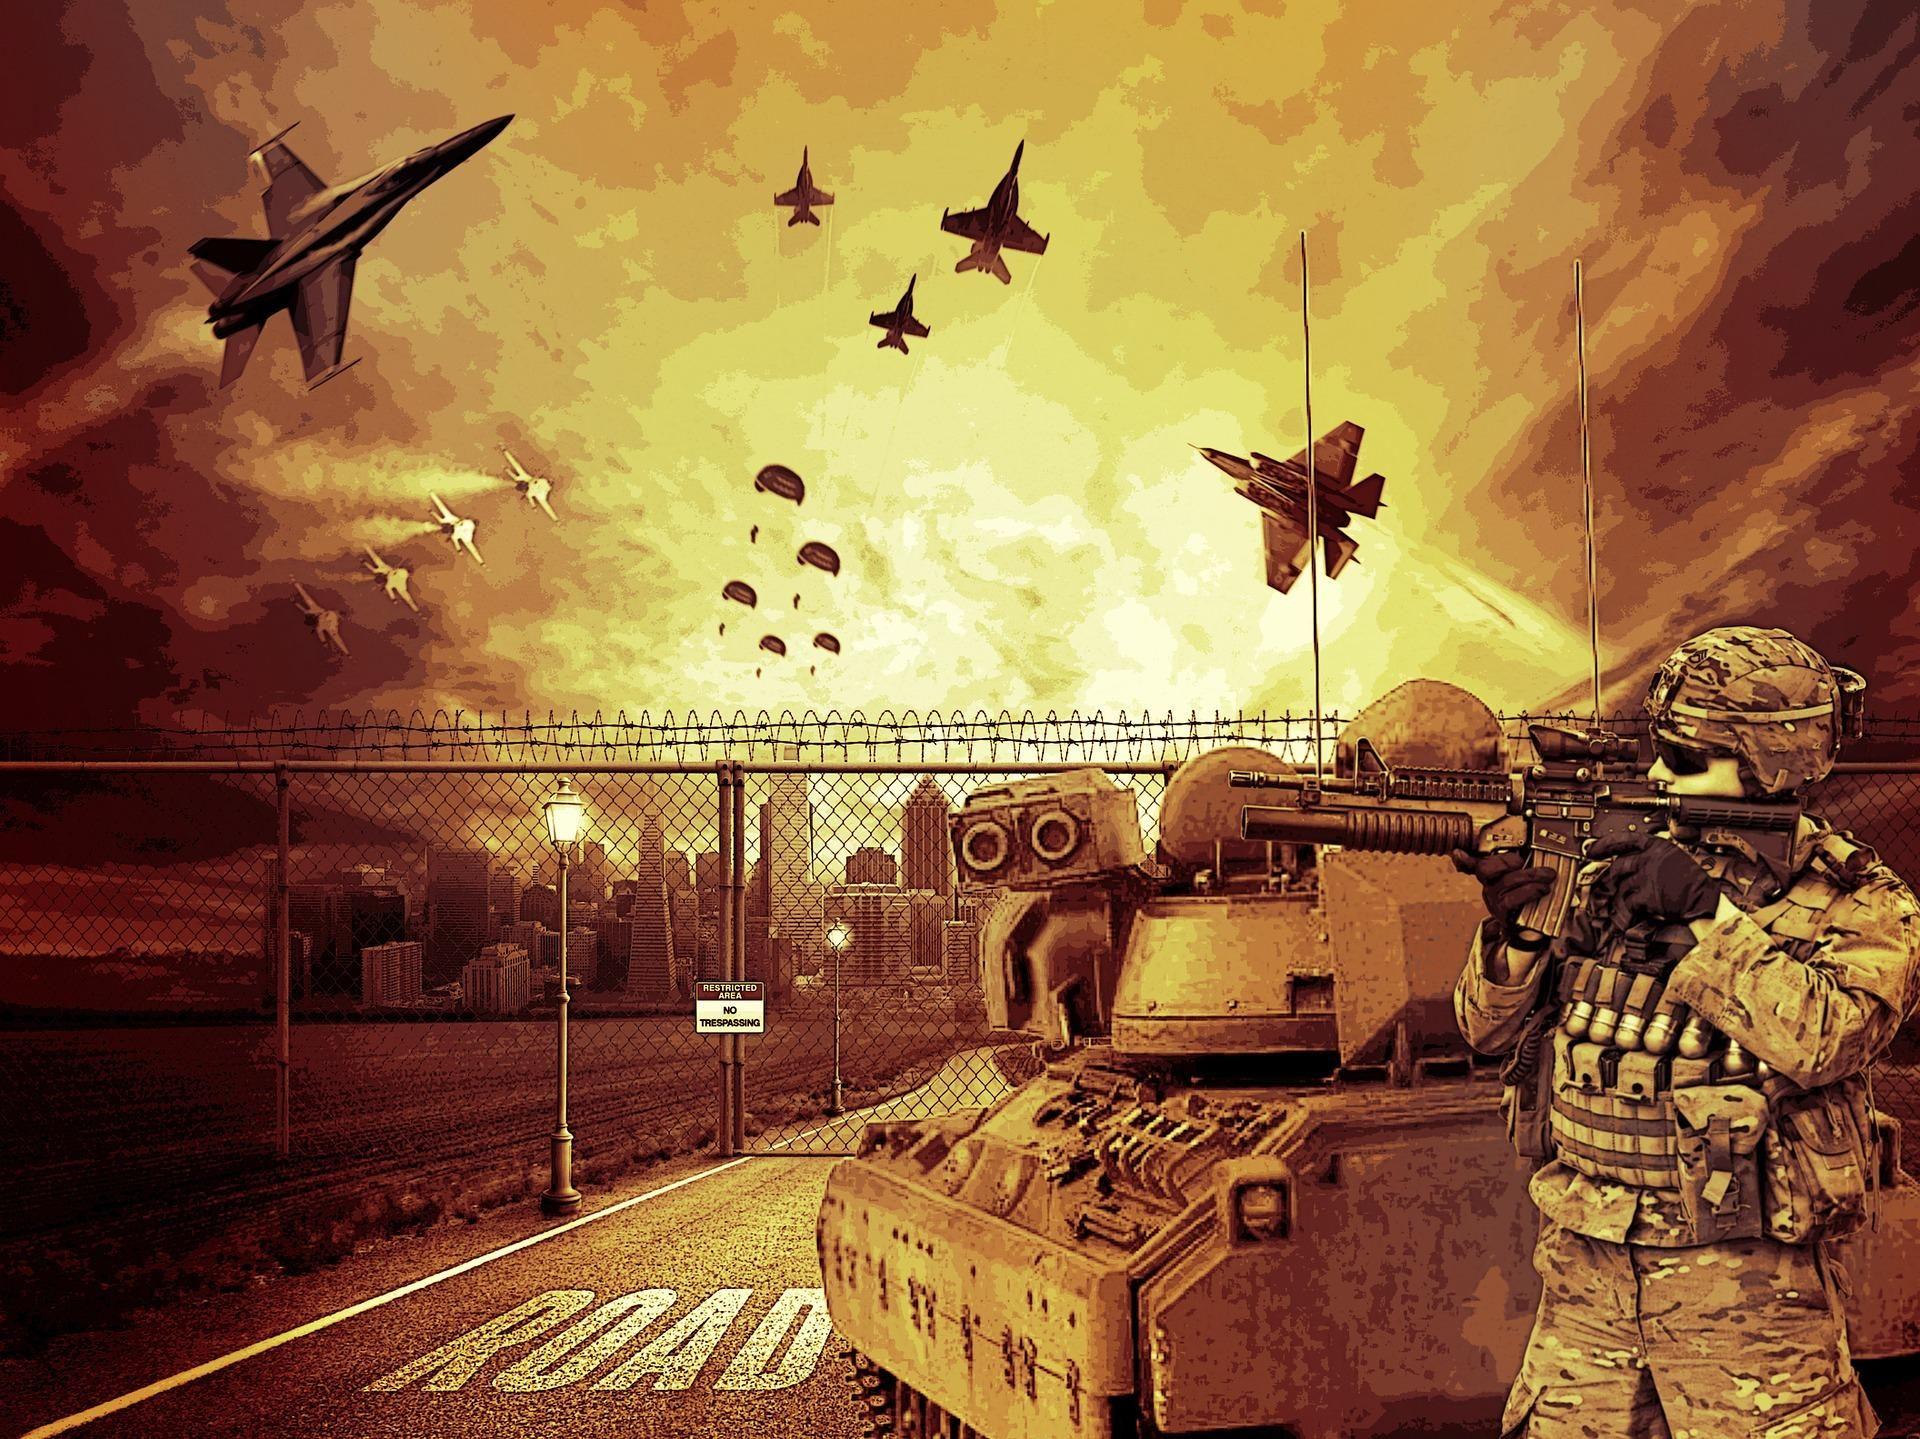 العب العاب مجانية عبر الانترنت العاب طائرات حربية على الانترنت العاب طائرات سفر حقيقية العاب طائرات سفر حقيقية للكبار العاب طائرات مجانا لعبة ط Jeux Gratuit